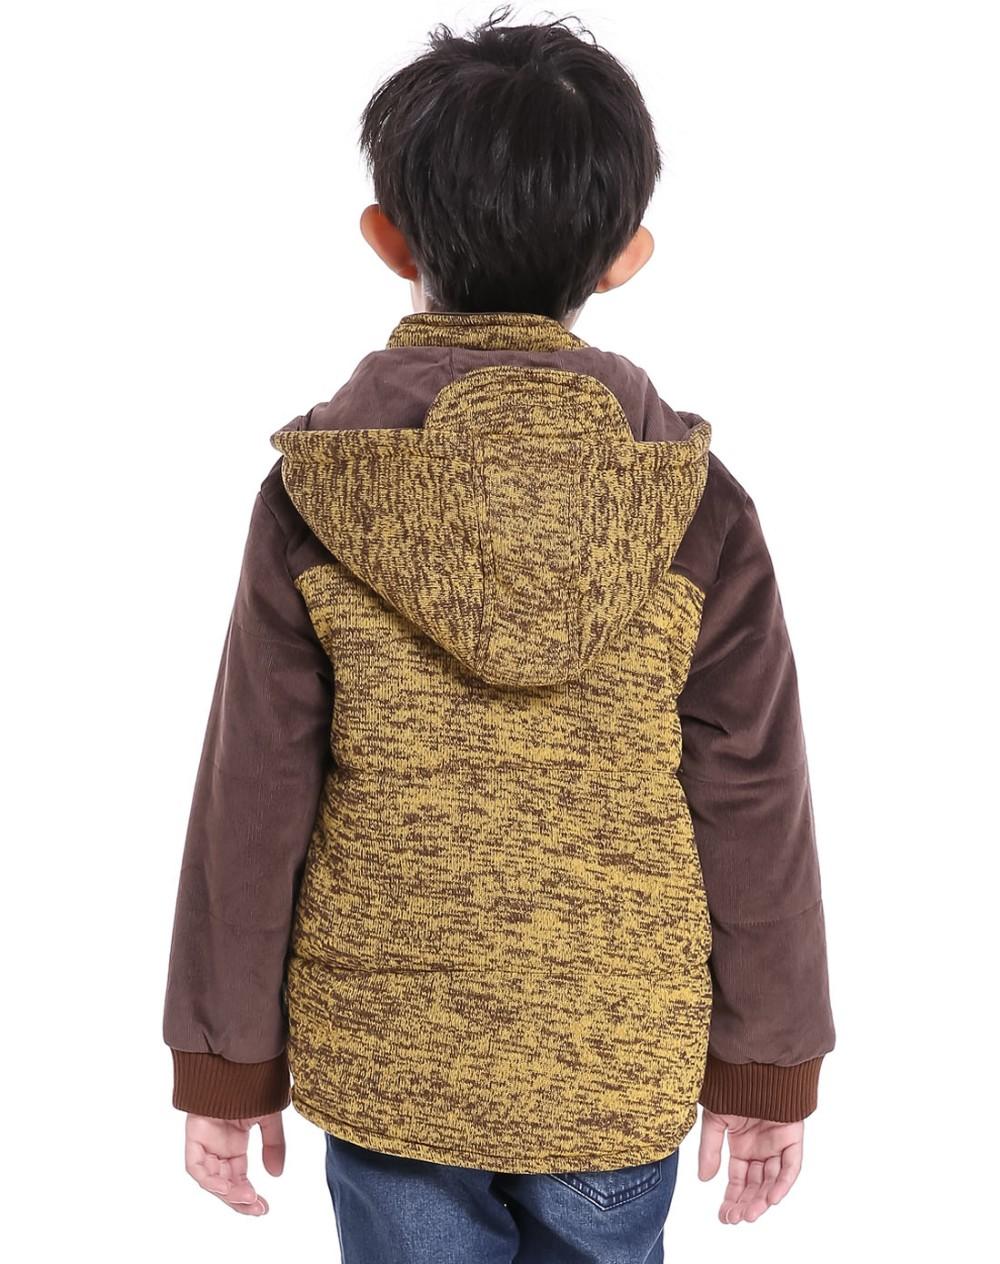 Скидки на Для 1-5 Yrs Дети Детские Мальчики Зимой толстые с капюшоном хлопка ватник пальто одежды дети мальчики теплый Лоскутное трикотаж верхняя одежда